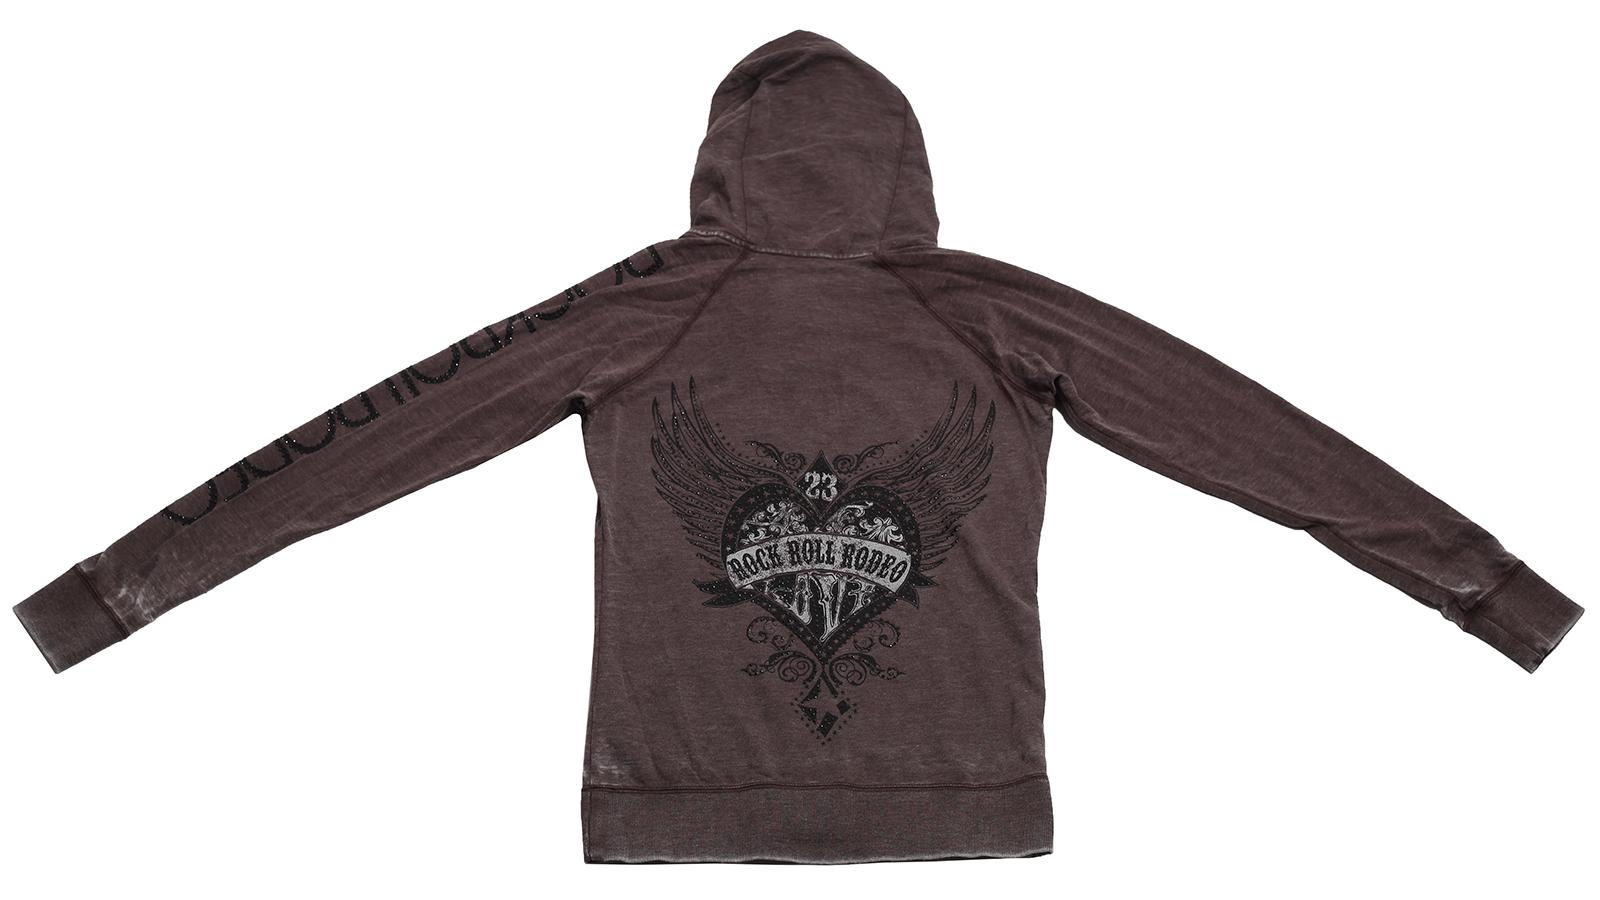 Купить худи с карманом кенгуру Rock&Roll RODEO с сердечным принтом для осенних дней по лояльной цене